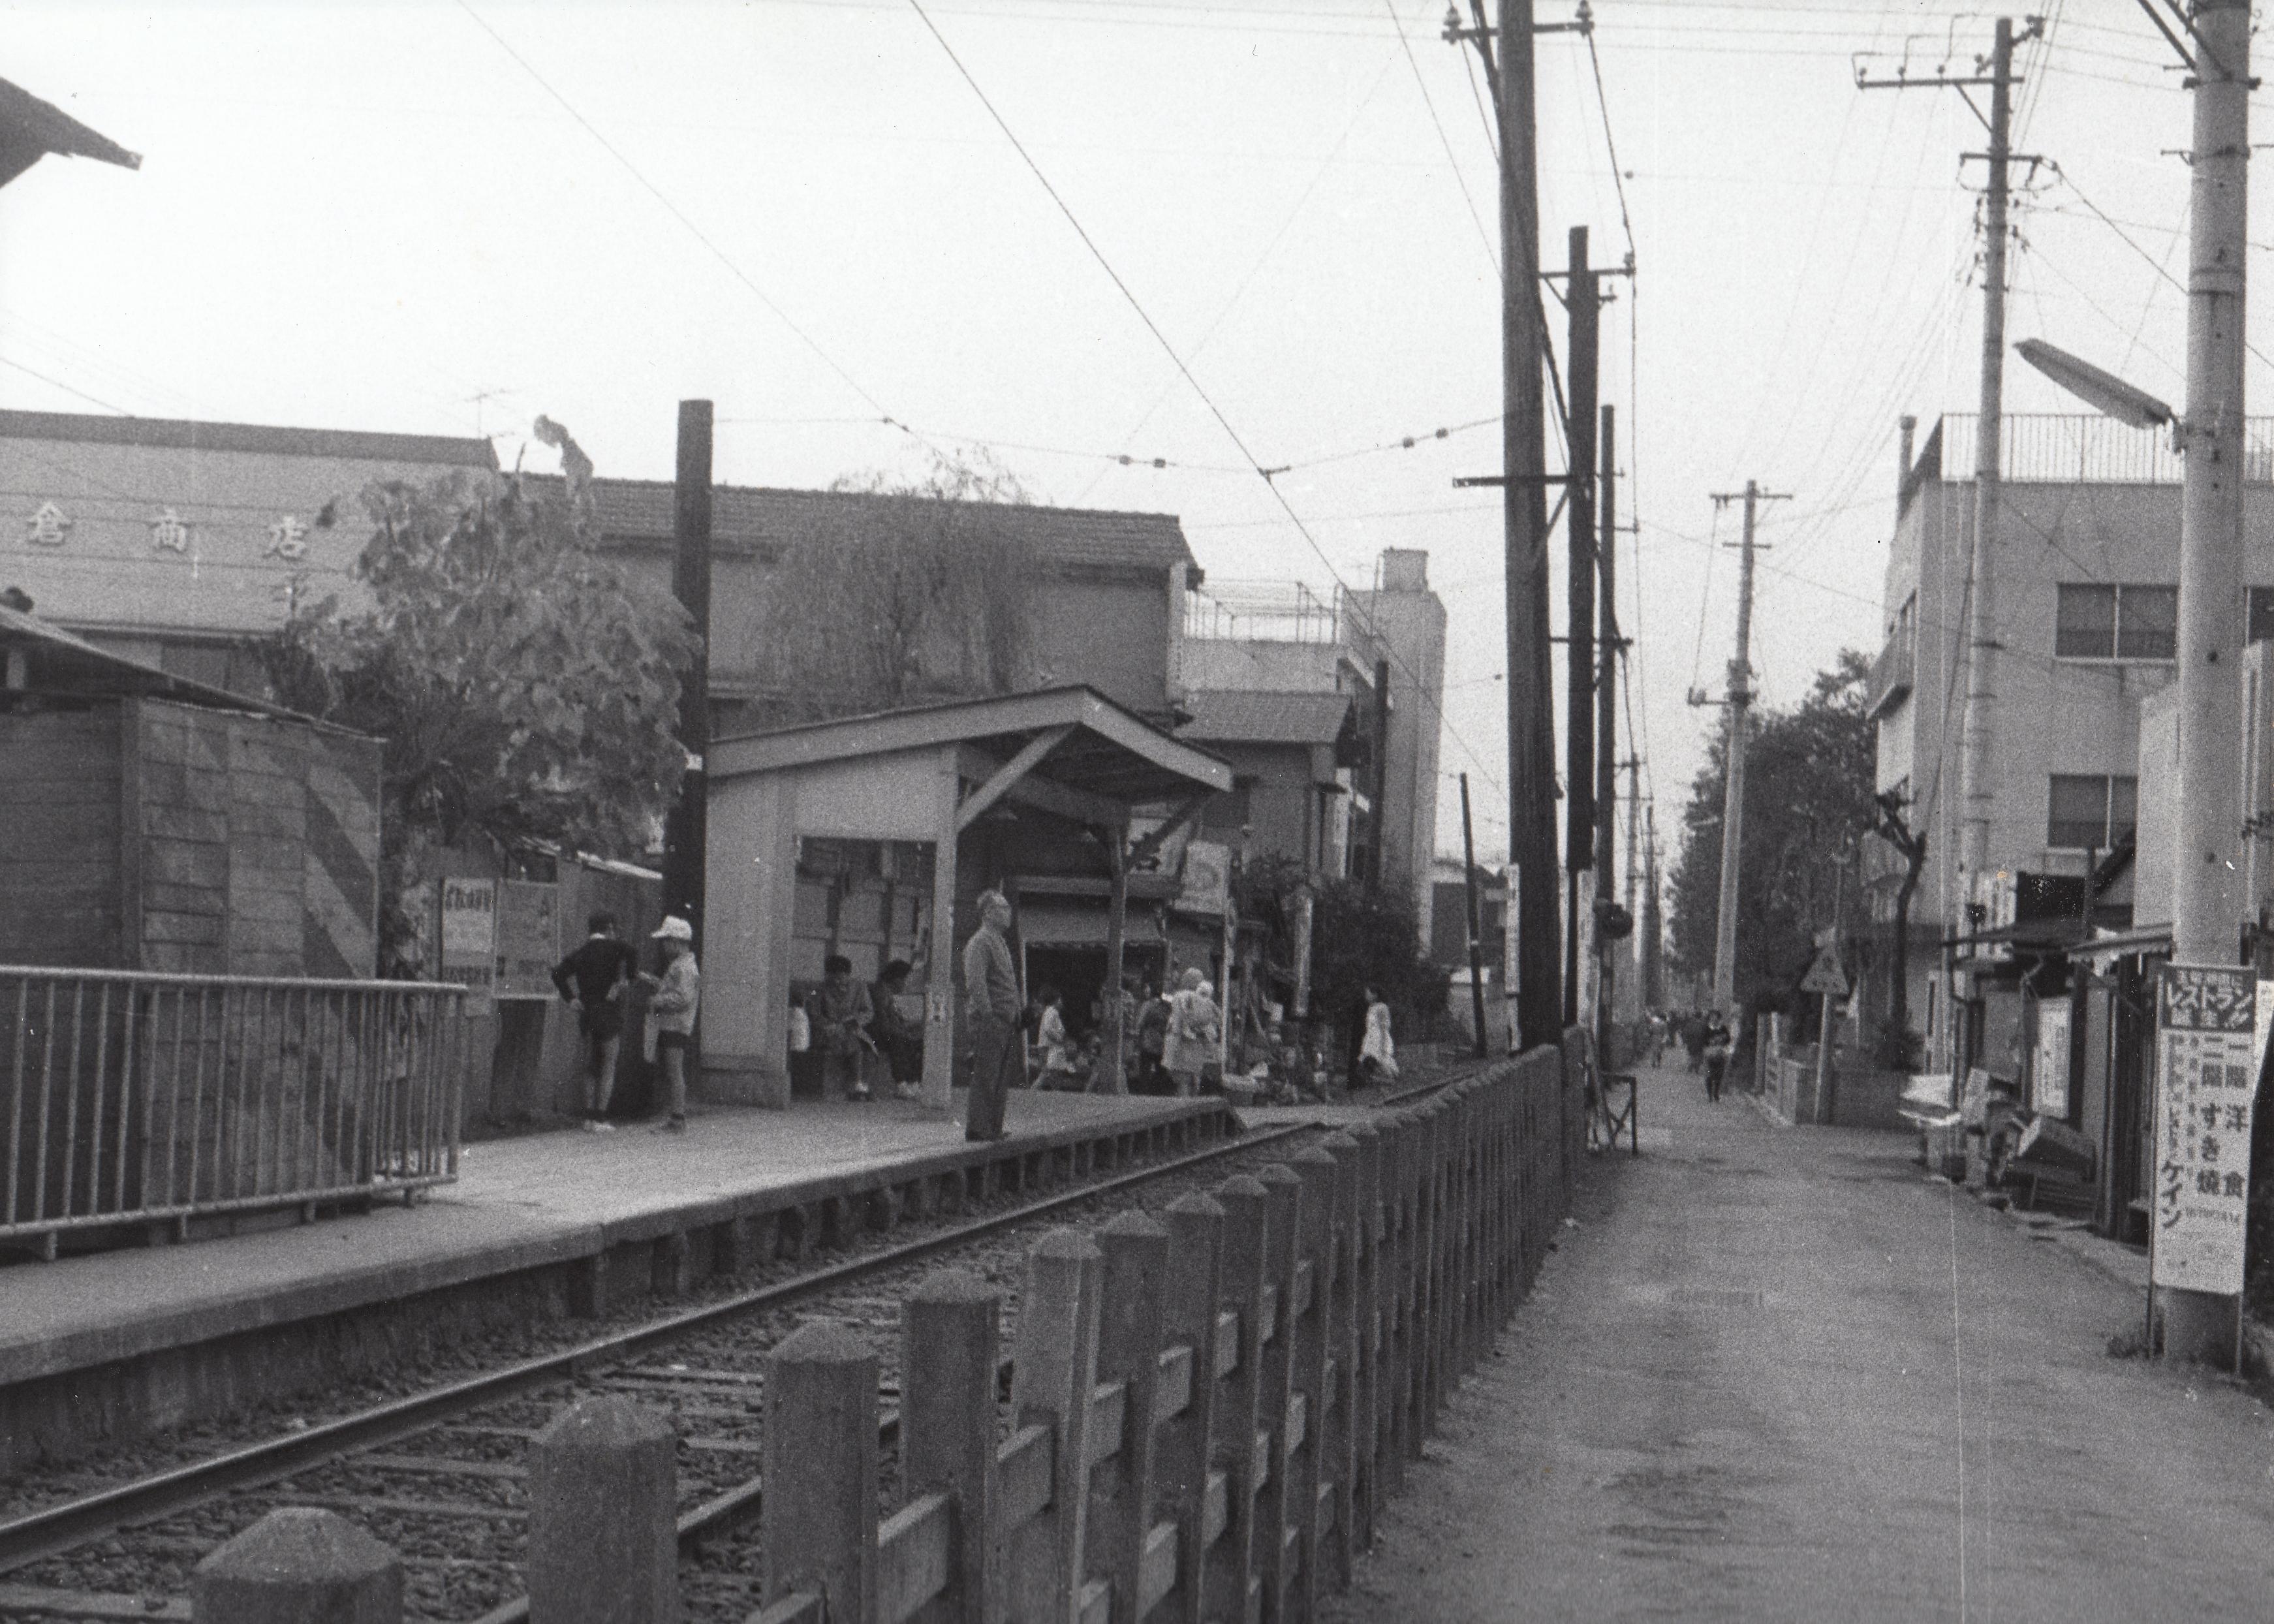 ファイル:1968年の秋 砧線中耕地駅を望む.jpg - Wikipedia